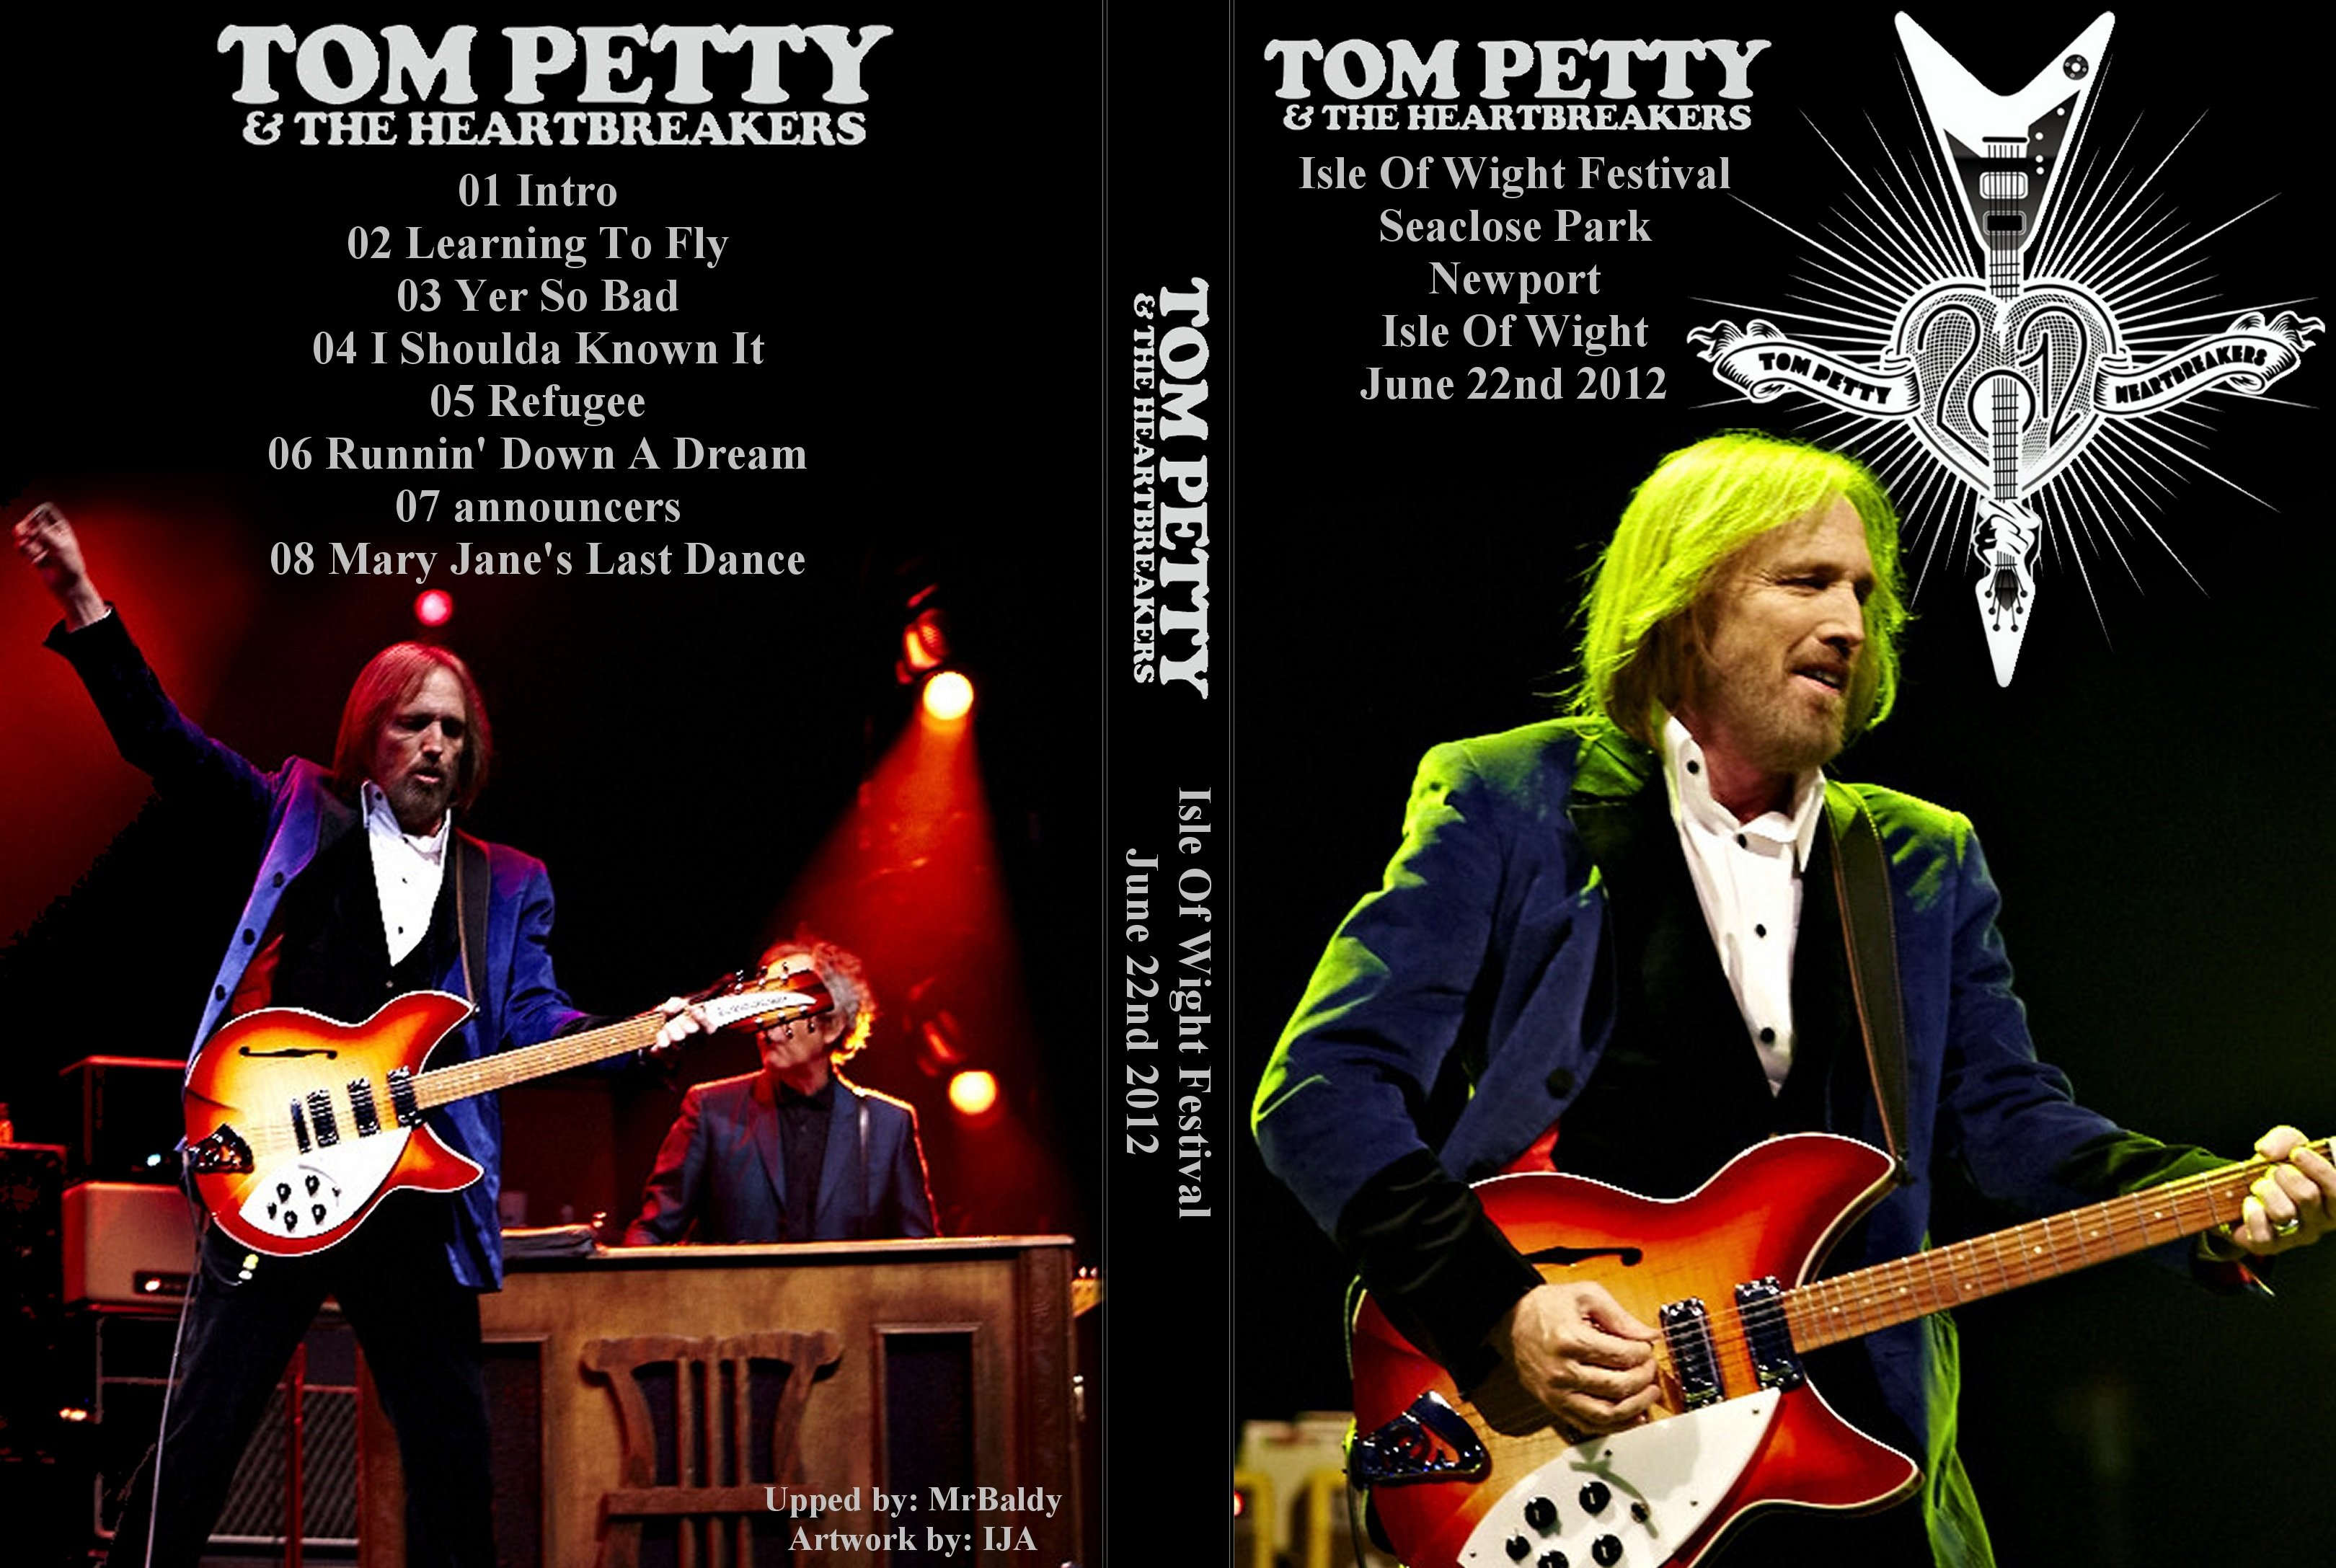 Tom Petty Heartbreakers Rock Heartland Blues Hard Tom Petty